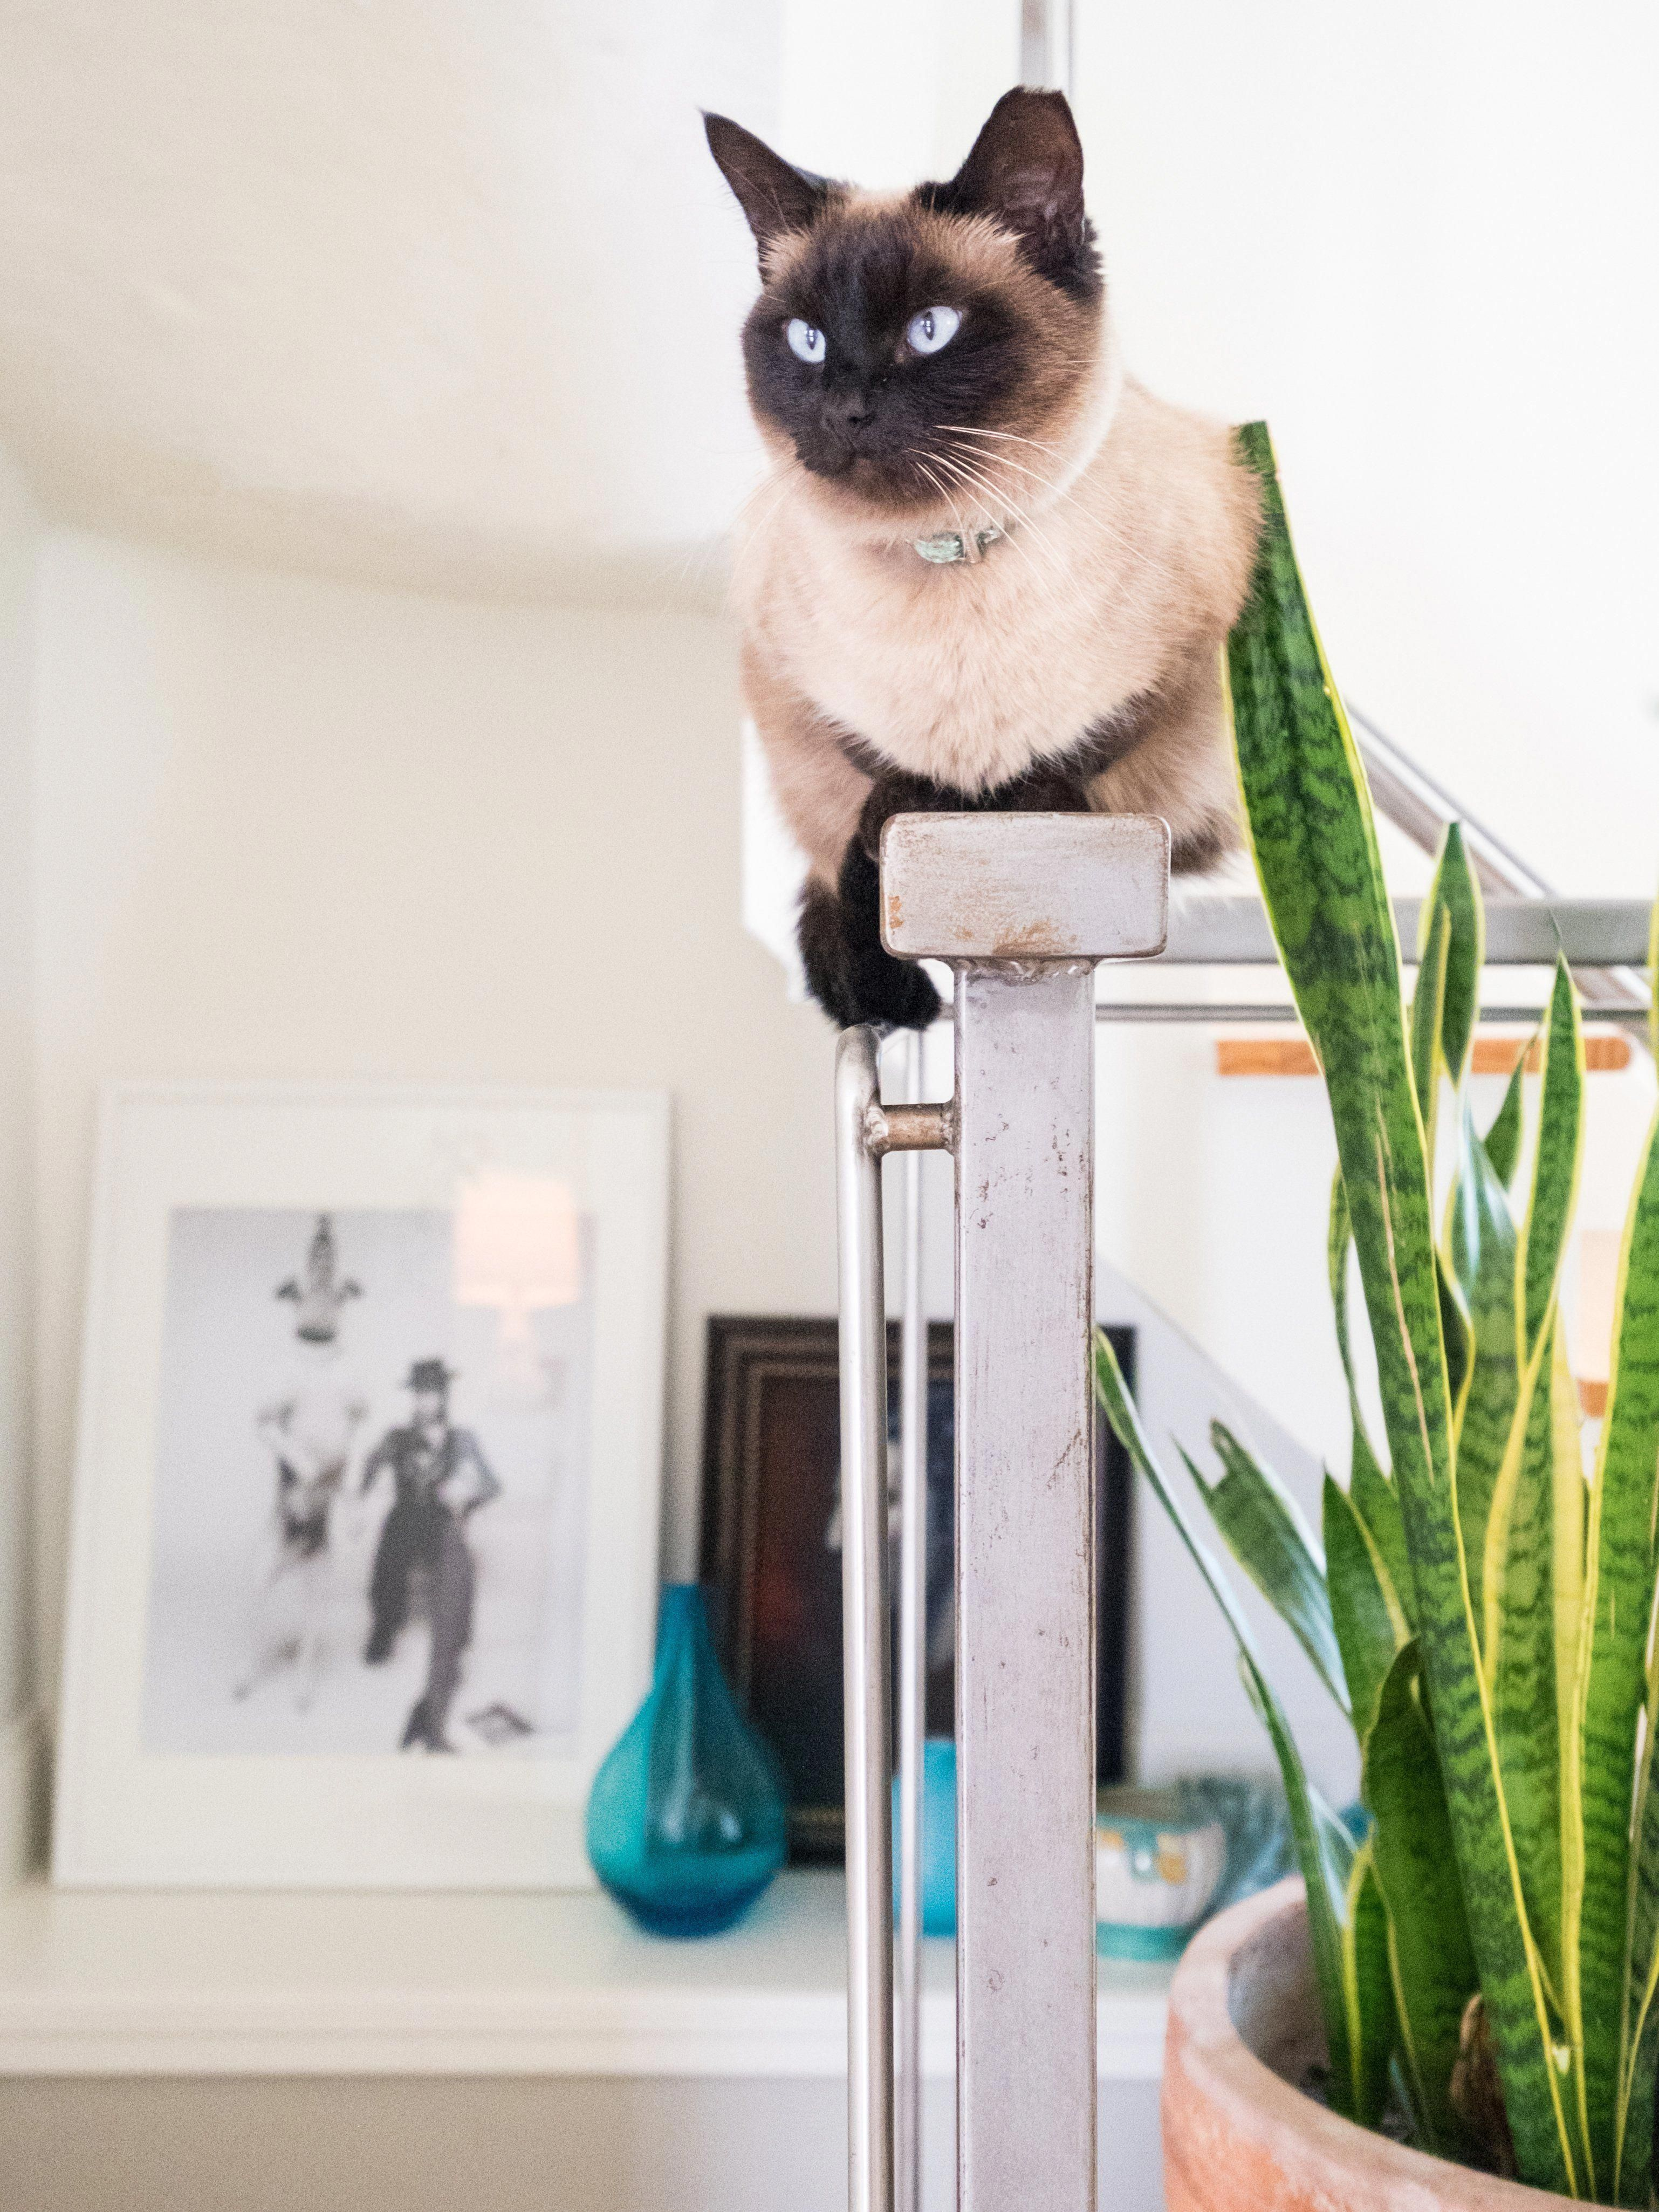 Cat Perch Allaboutcats Low Maintenance Pets I Love Cats Cute Adorable